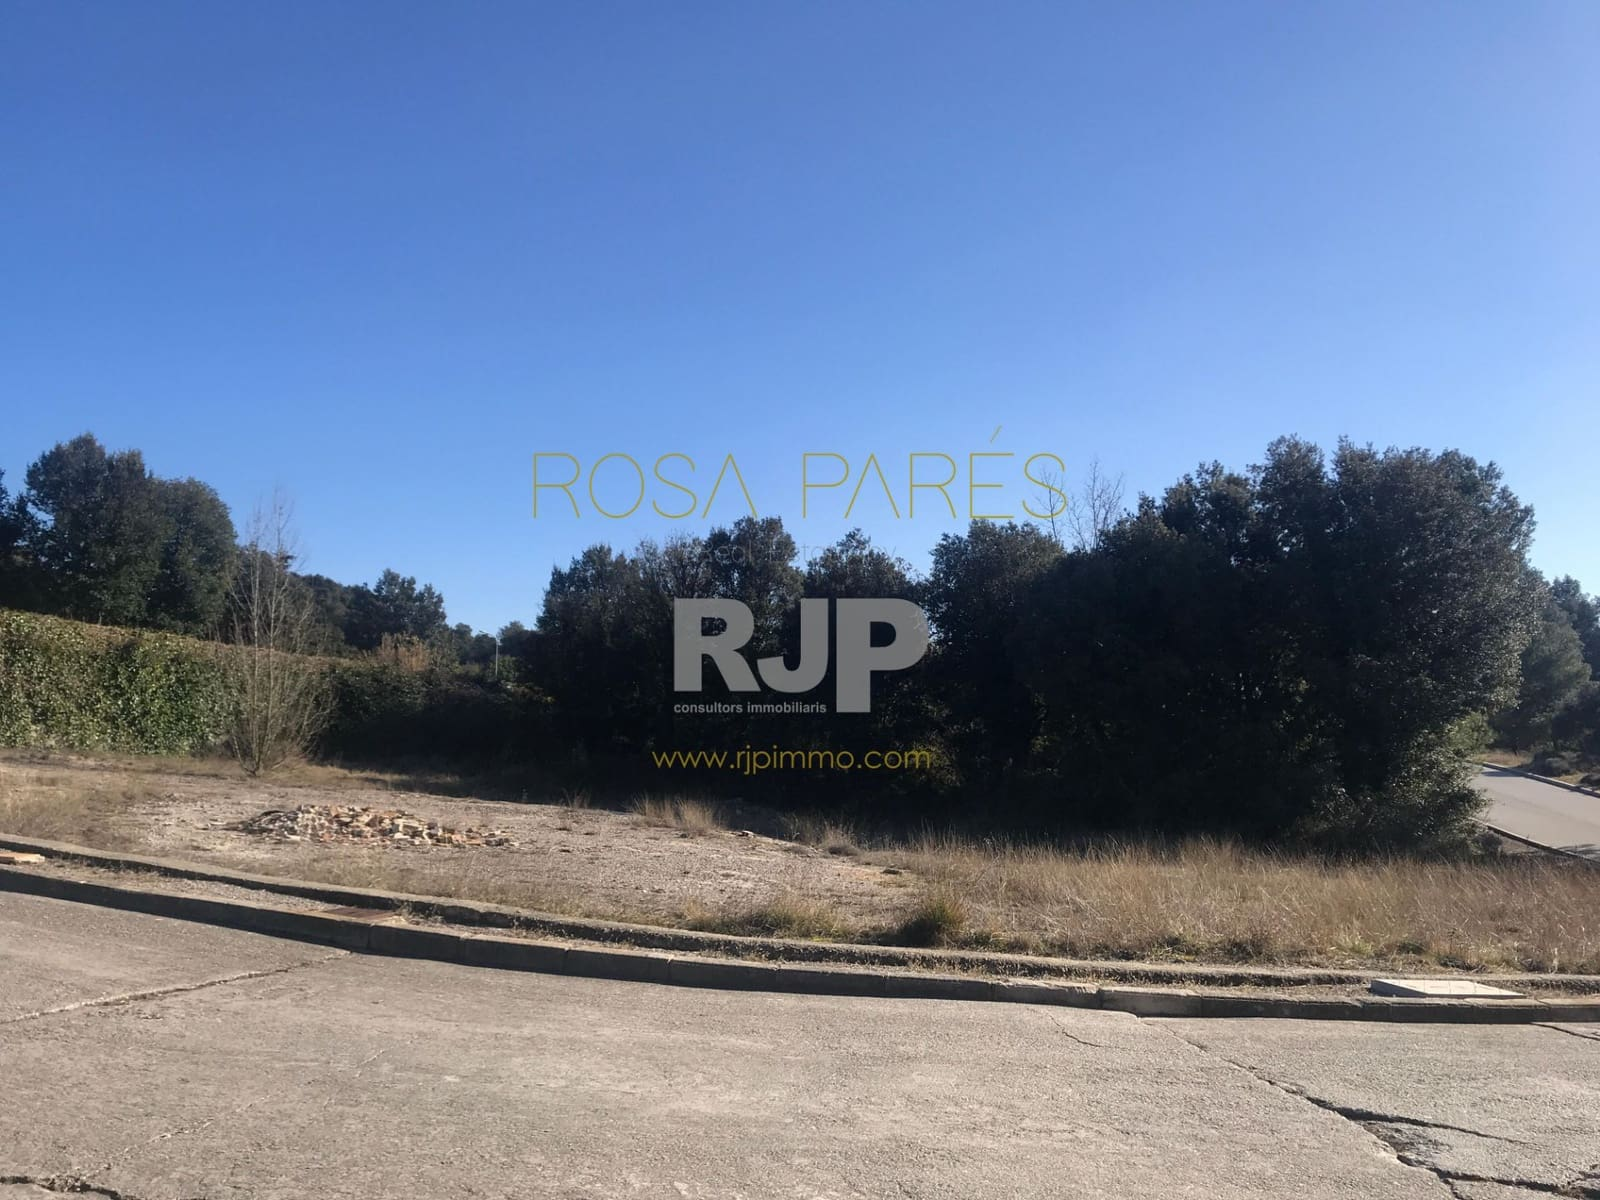 Terreno/Finca Rústica en Seva en venta - 70.000 € (Ref: 5101139)